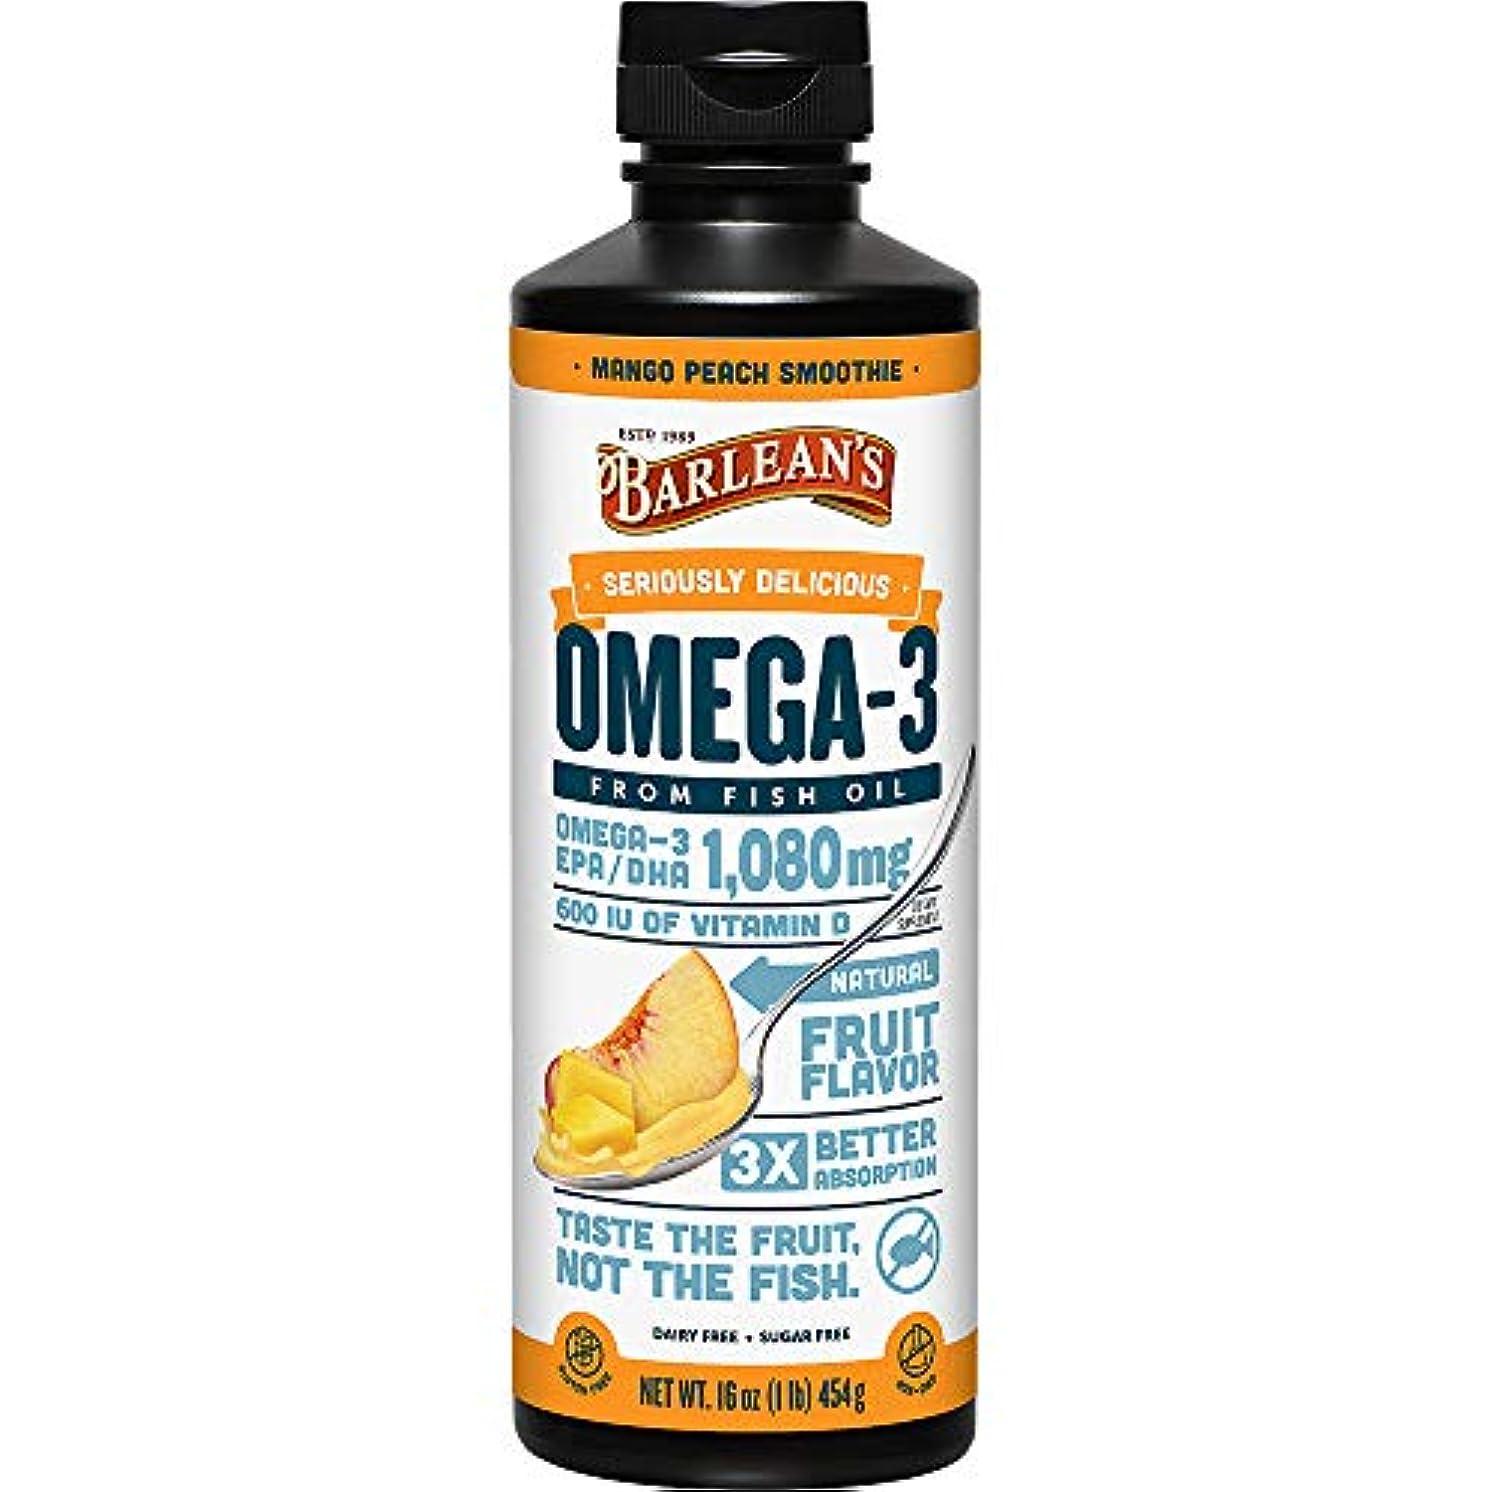 パース多くの危険がある状況リムBarlean's - Omegaの渦巻Omega-の3 魚オイルのマンゴのモモ - 16ポンド